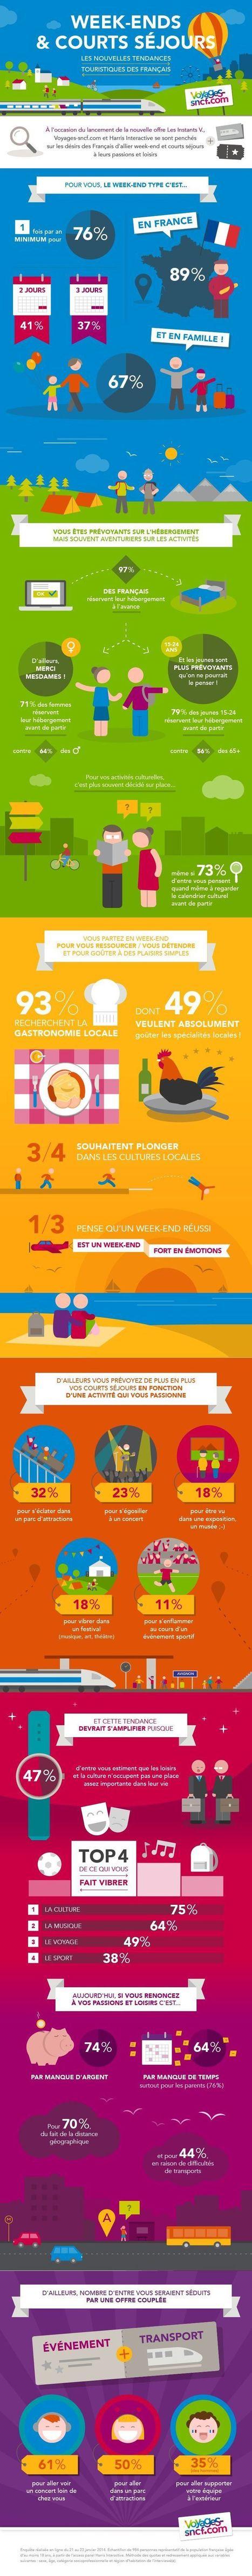 Infographies etourisme par les bloggeurs d'etourisme.info | Veille Etourisme de Lot Tourisme | Scoop.it